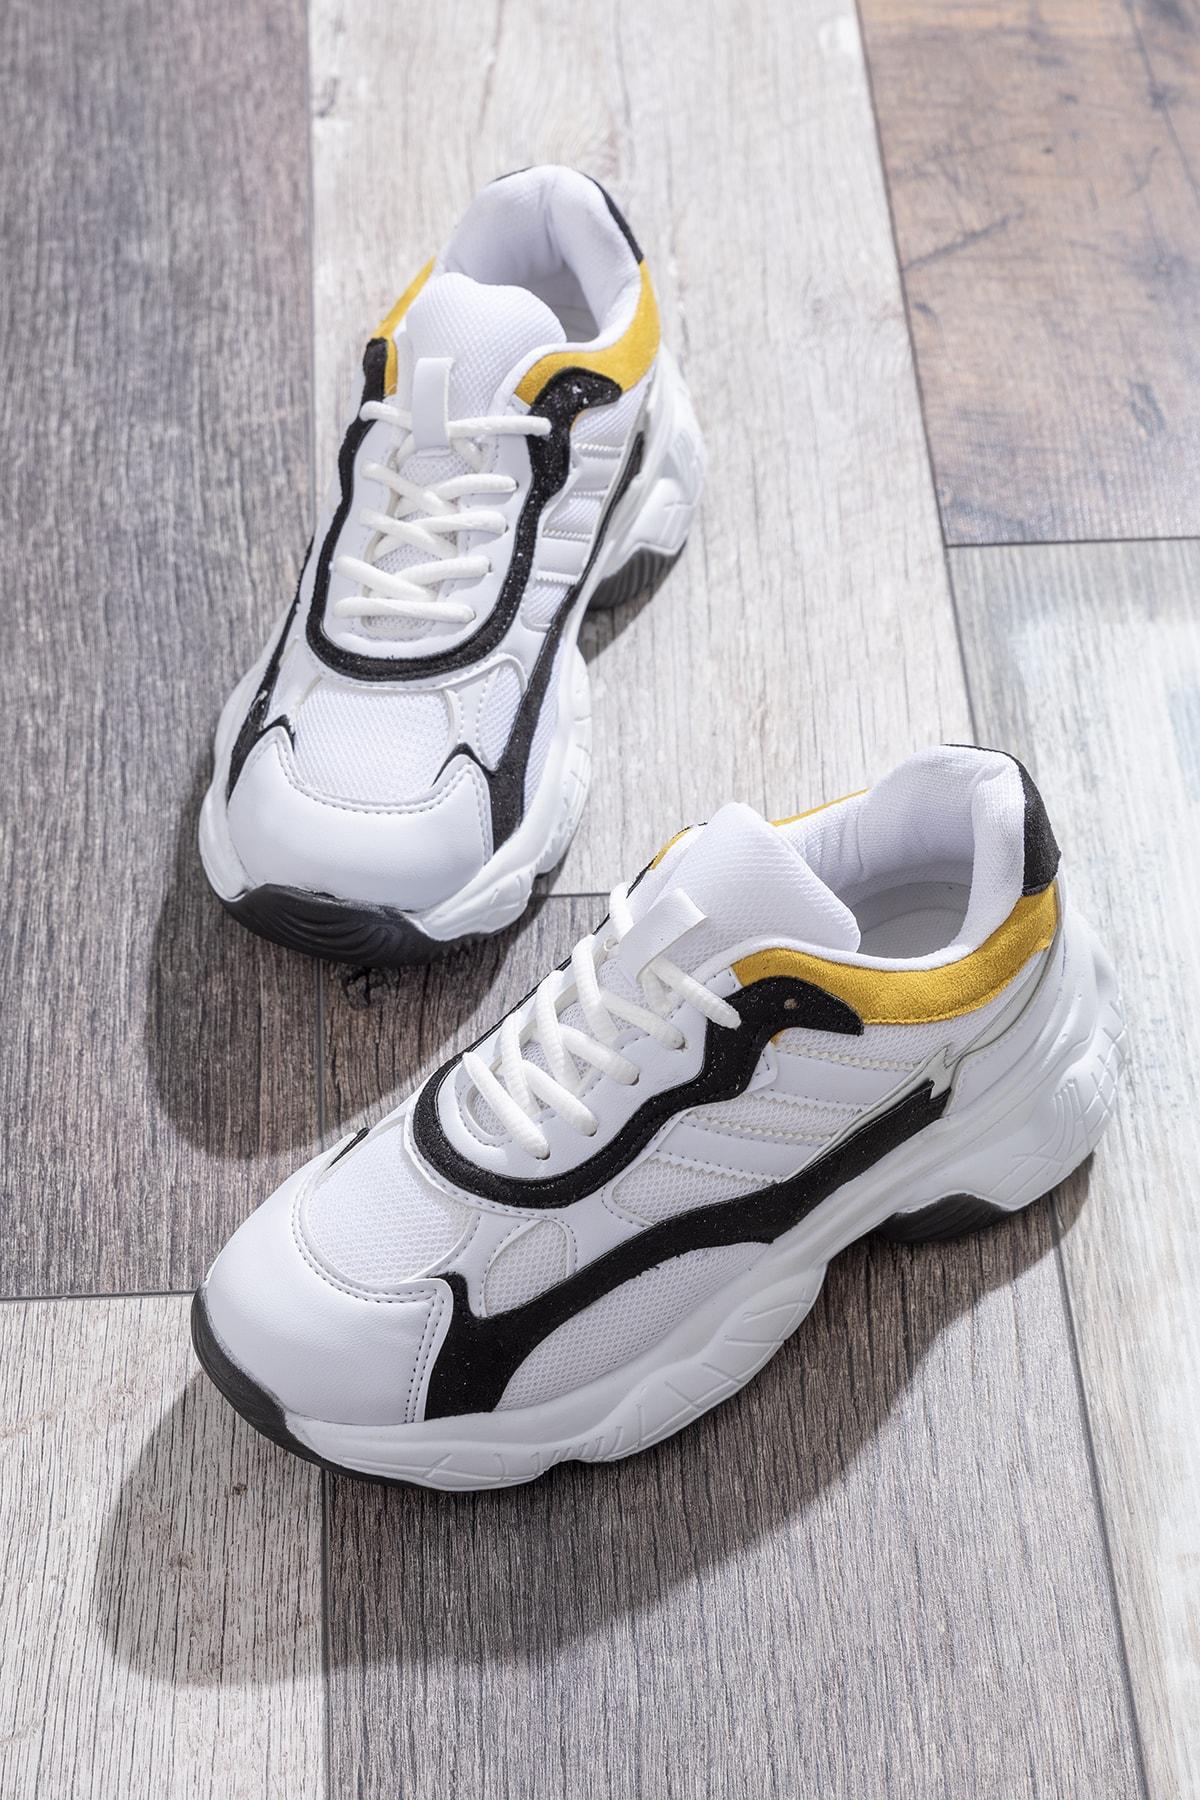 Tonny Black Kadın Spor Ayakkabı Beyaz Siyah Tb246 1